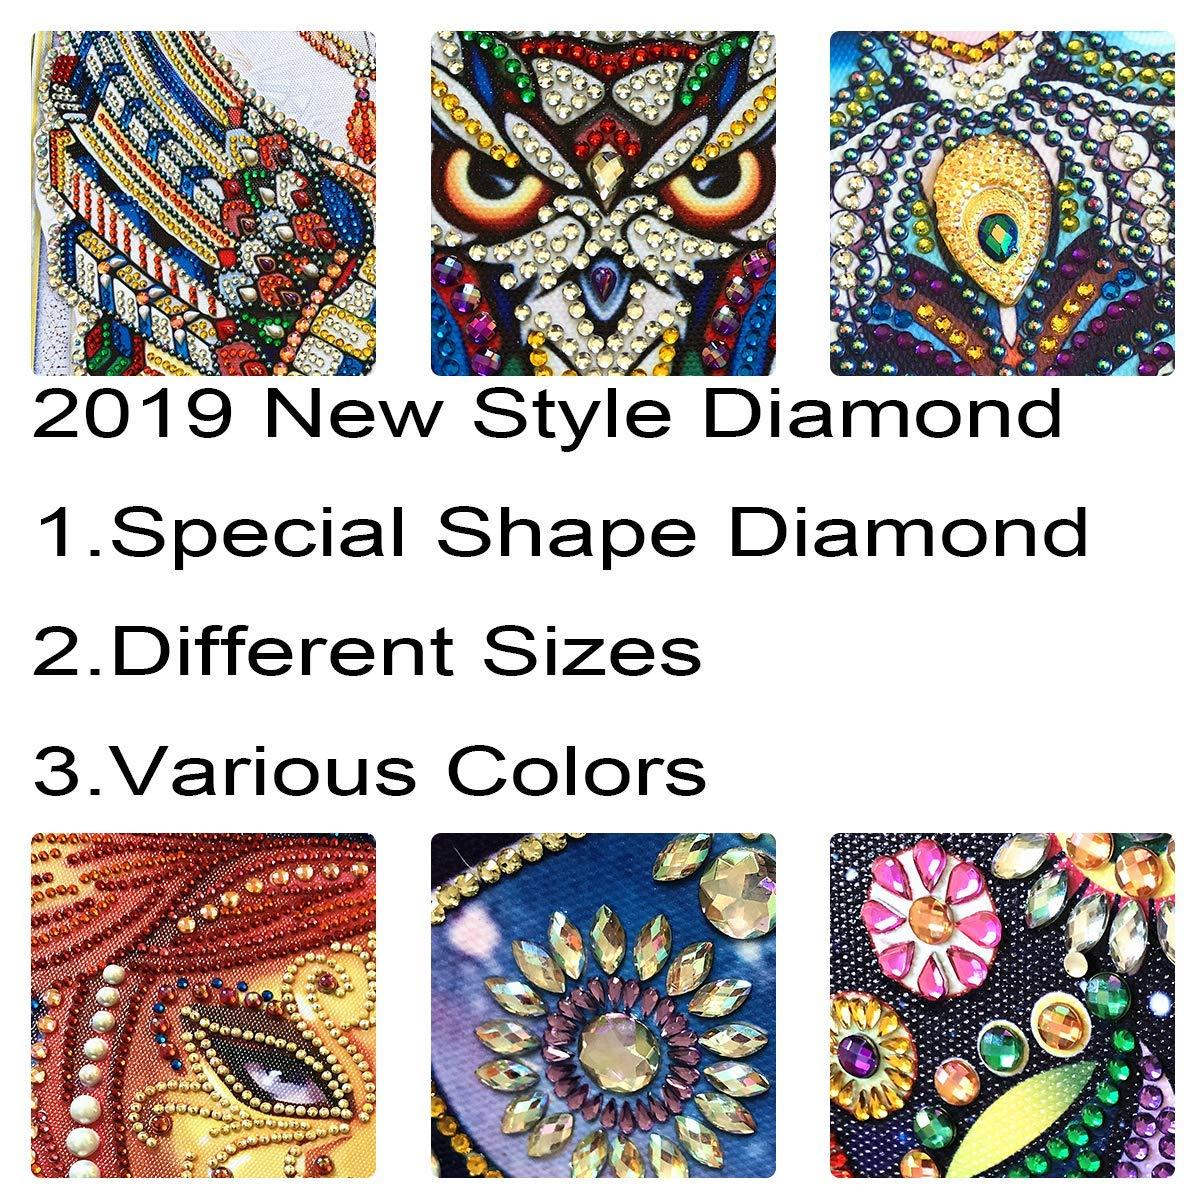 kit per ricamo a punto croce Spring Kit per pittura a mosaico 5D fai da te con perline rotonde per adulti bellezza 40 x 30 cm